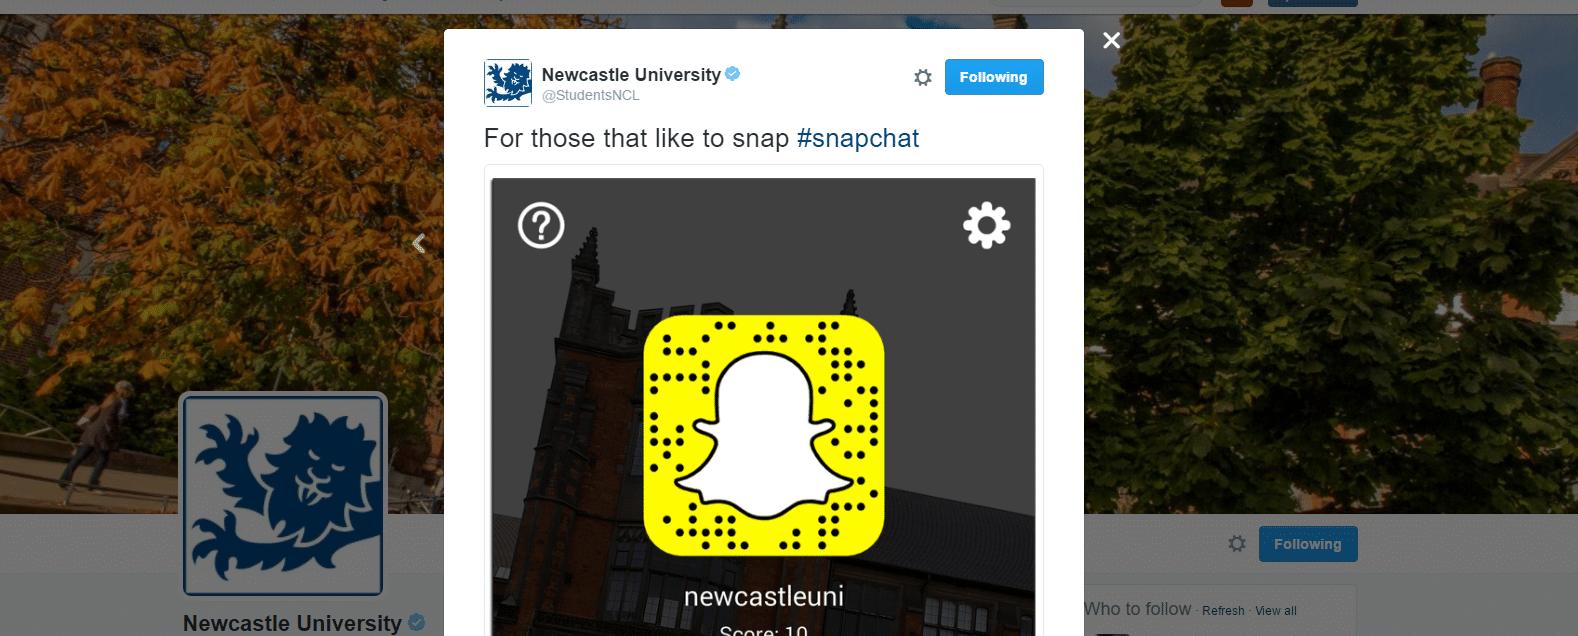 newcastle-uni